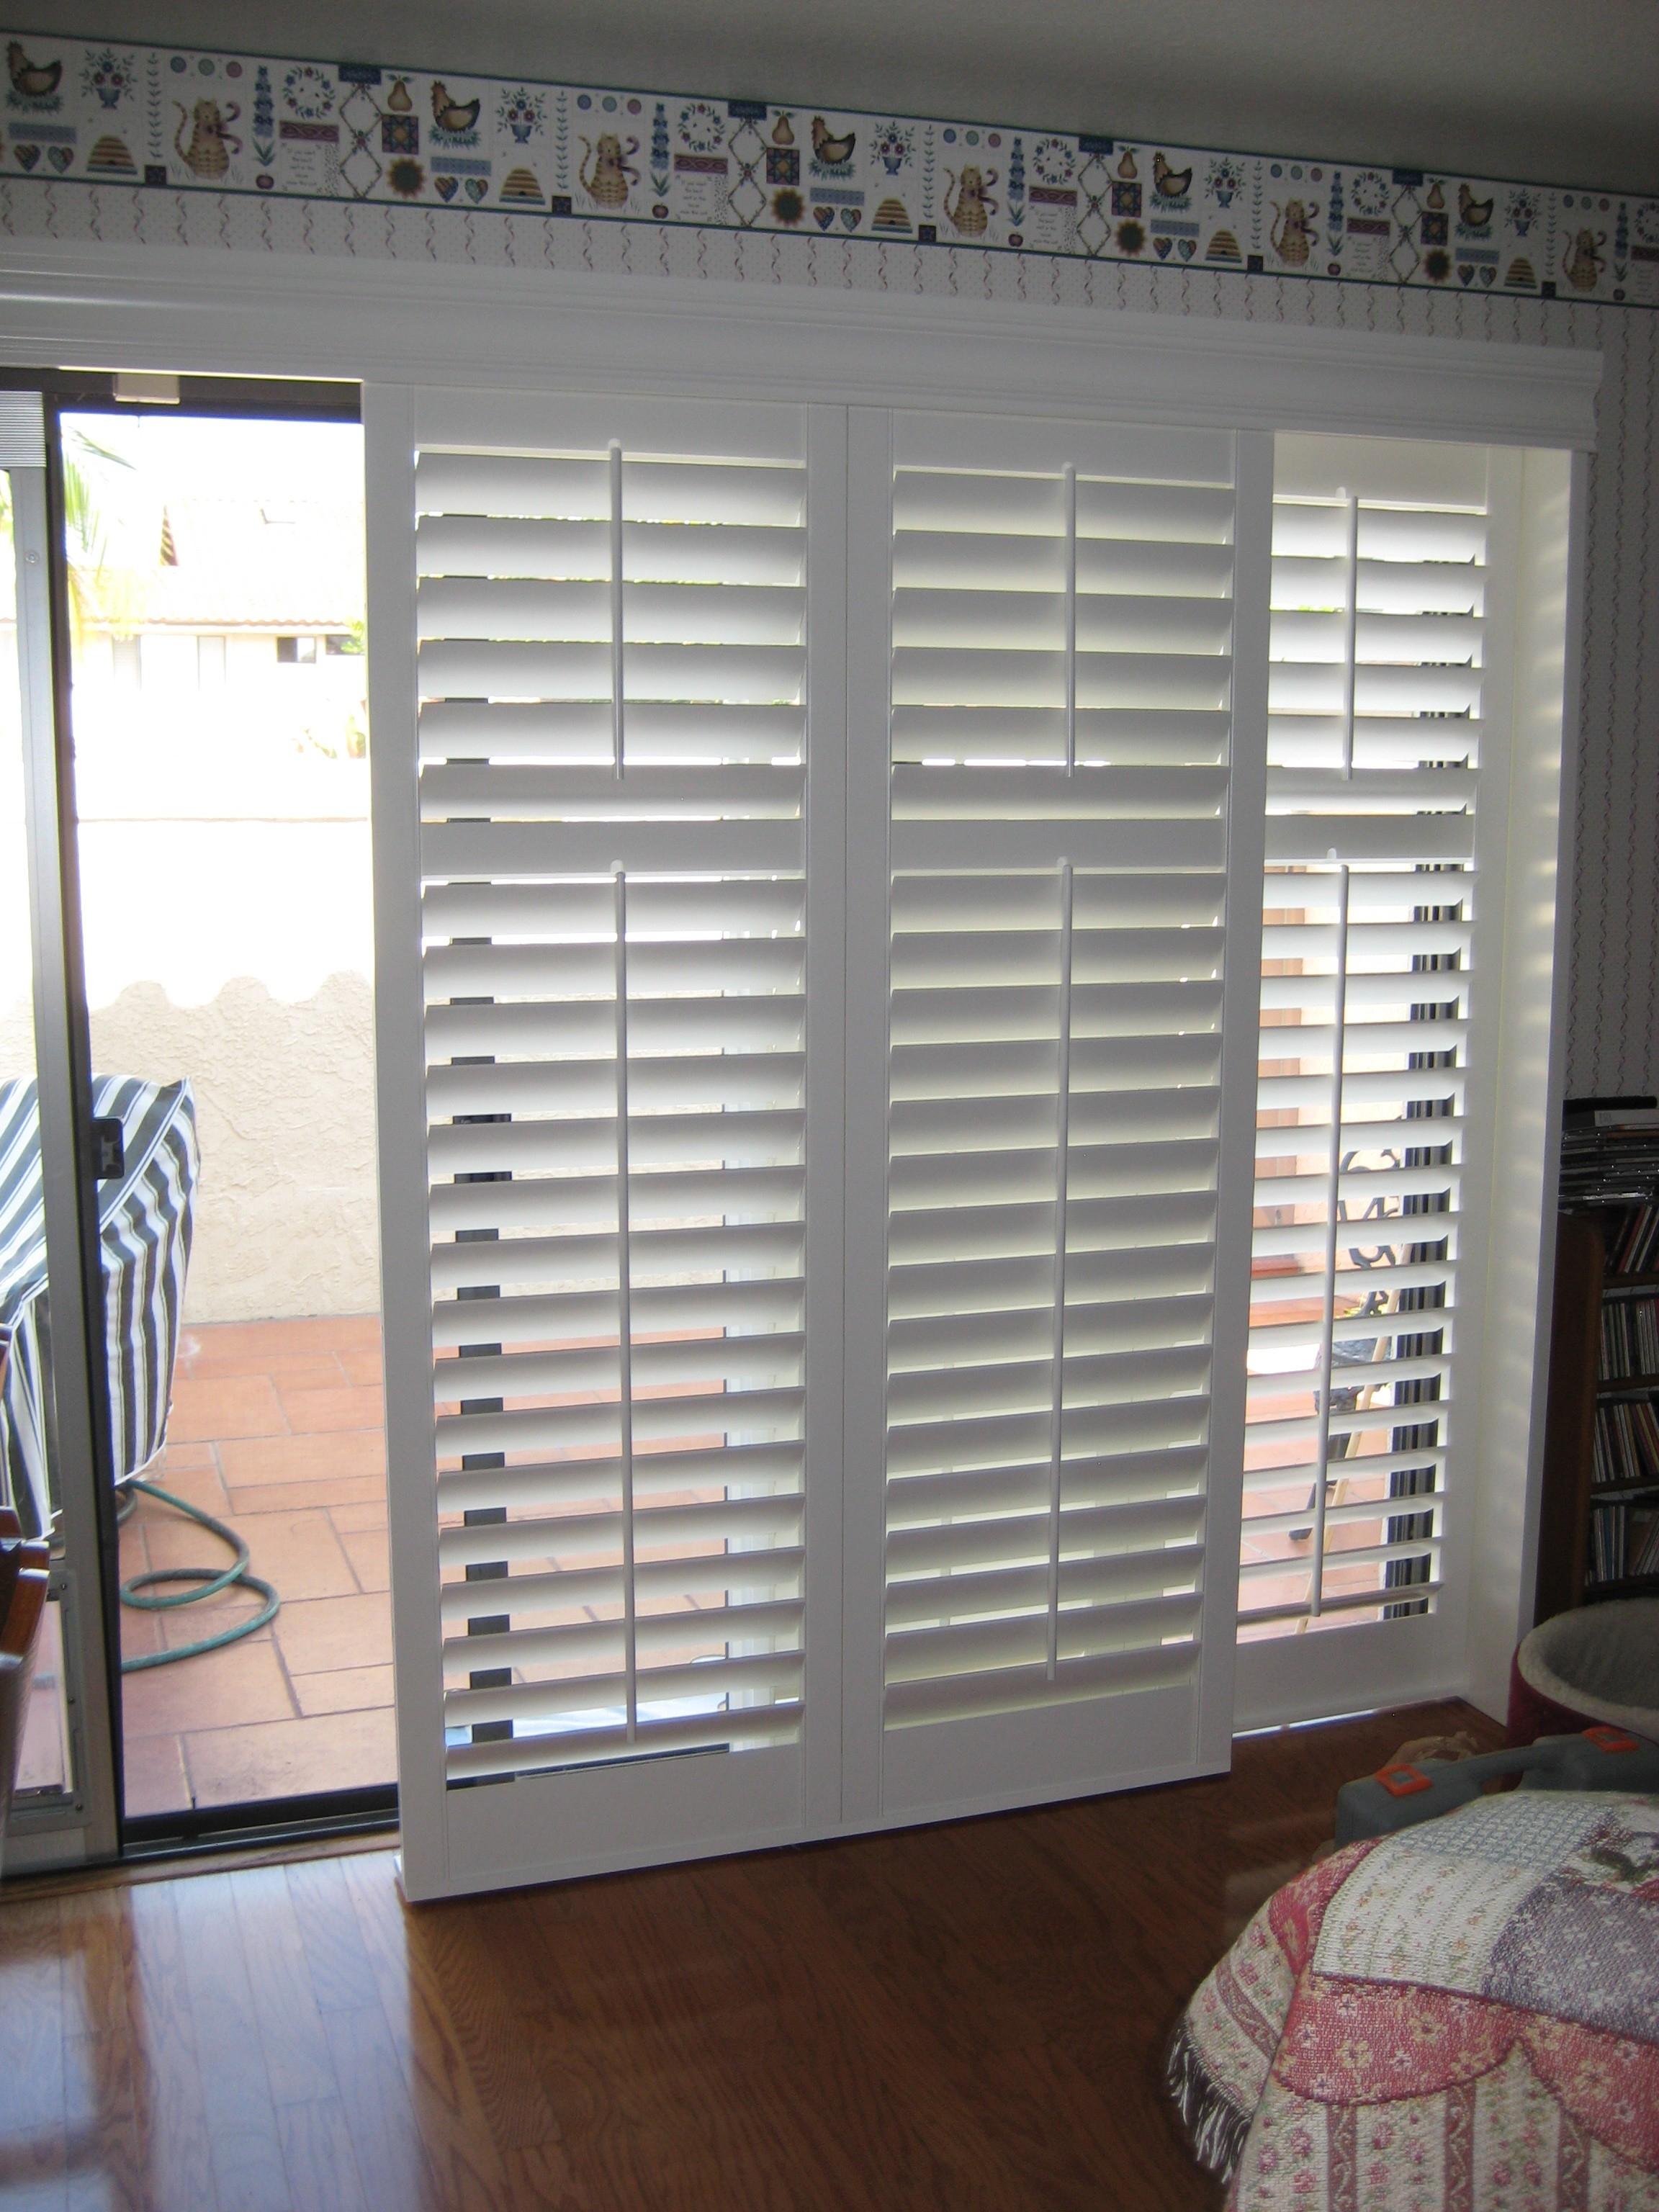 Venetian Blinds For Sliding Glass Doors2304 X 3072